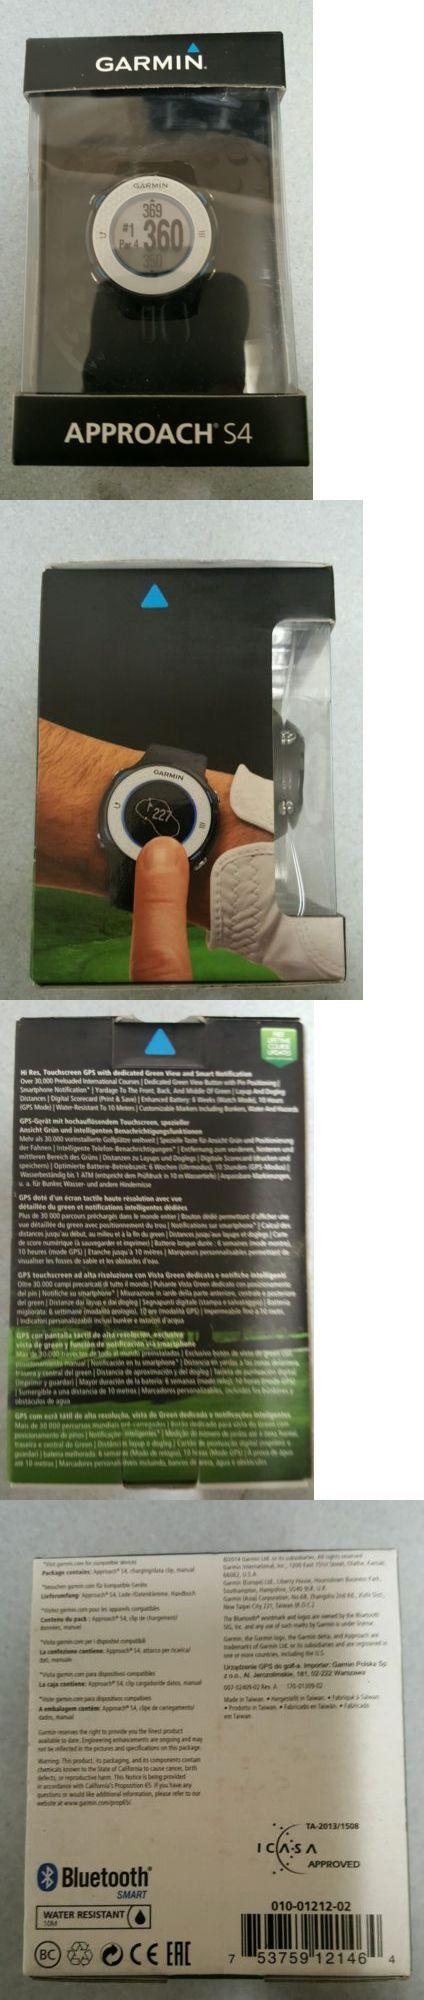 GPS Units: New Garmin Approach S4 Preloaded Golf Gps Watch - Blue / Black BUY IT NOW ONLY: $176.0